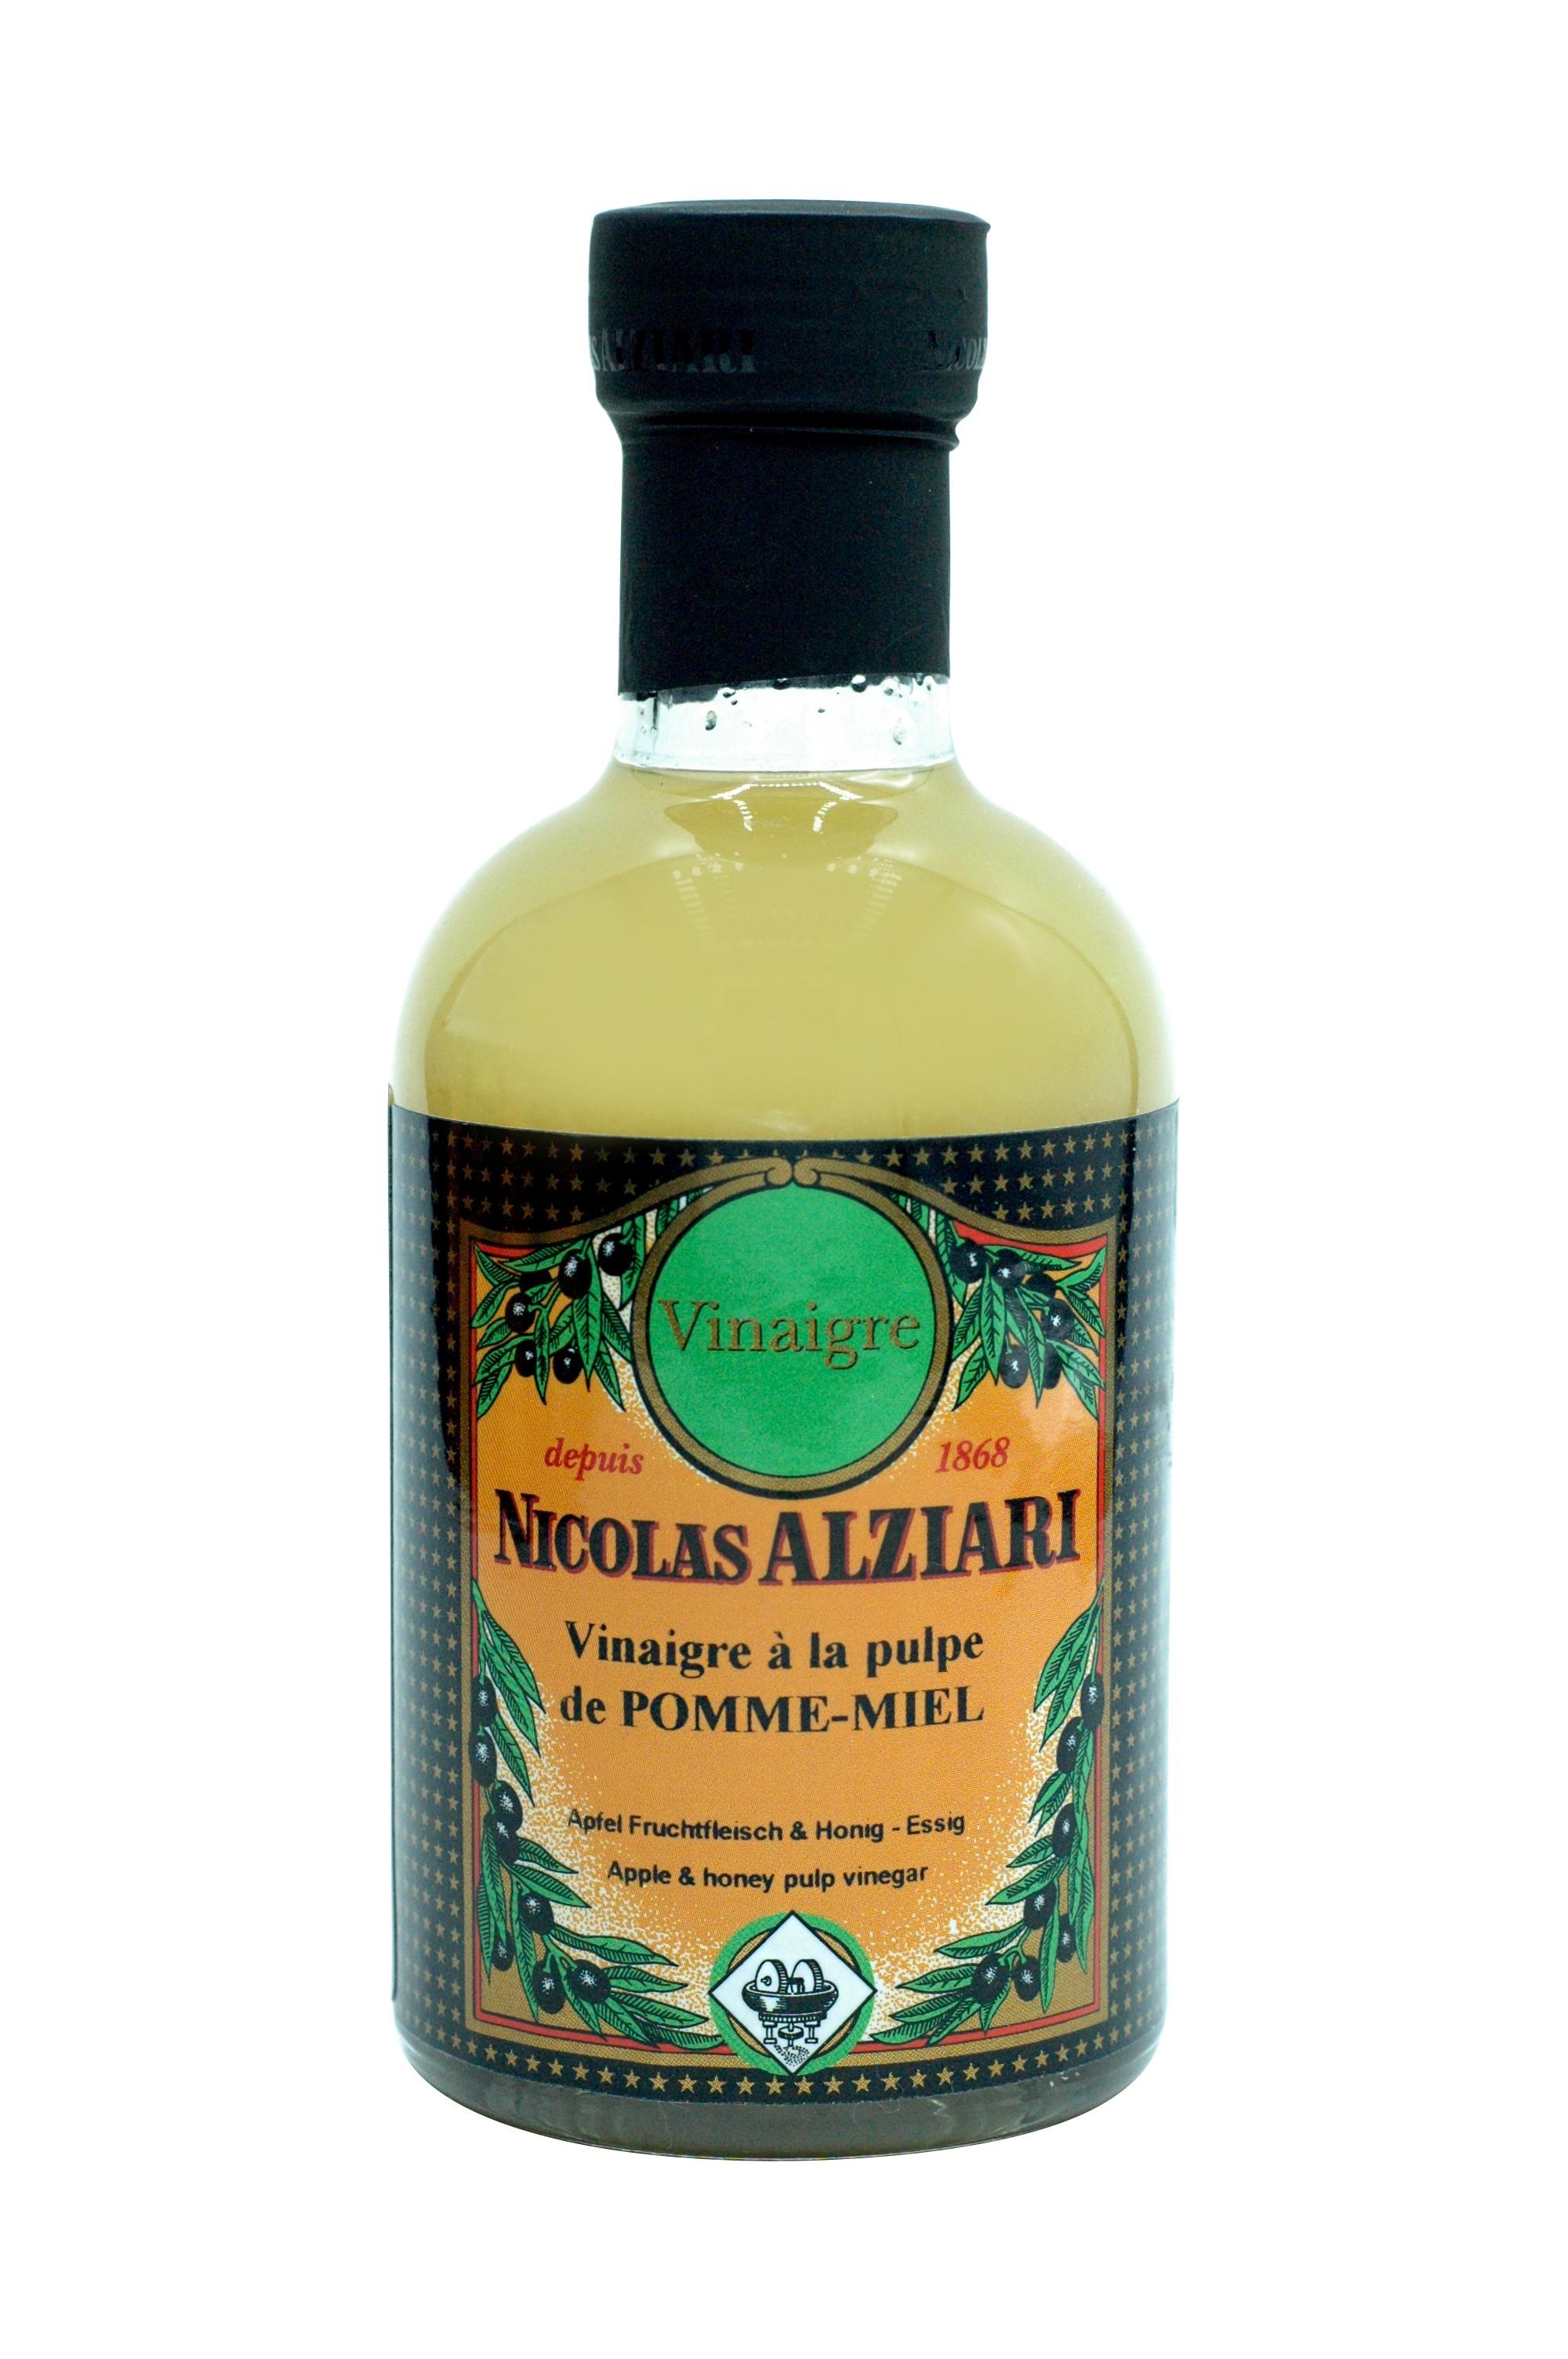 200 ml bottle apple & honey pulp vinegar